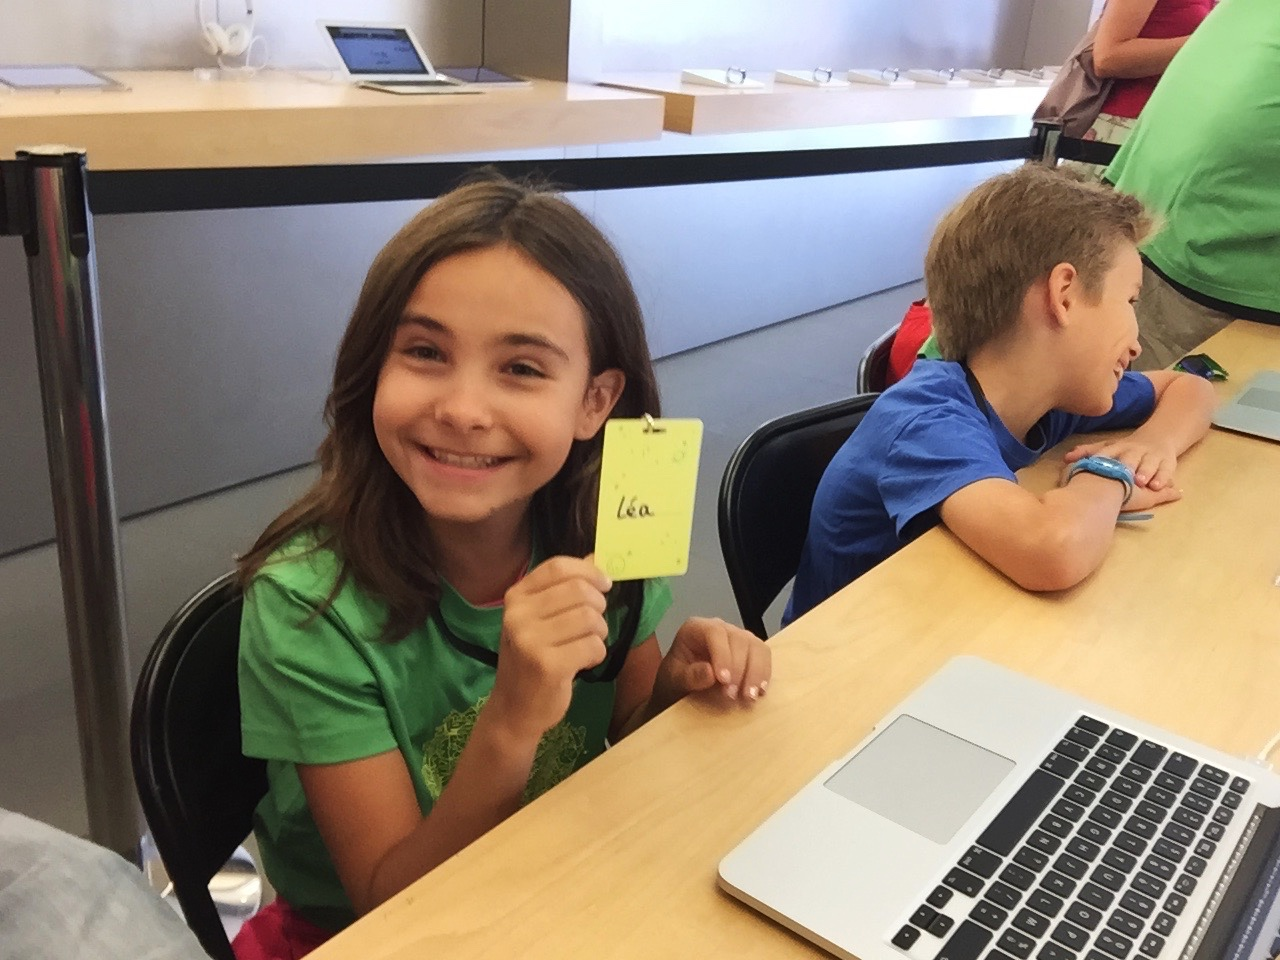 imalaune Sortie scolaire : Destination Apple Store pour léducation de nos enfants